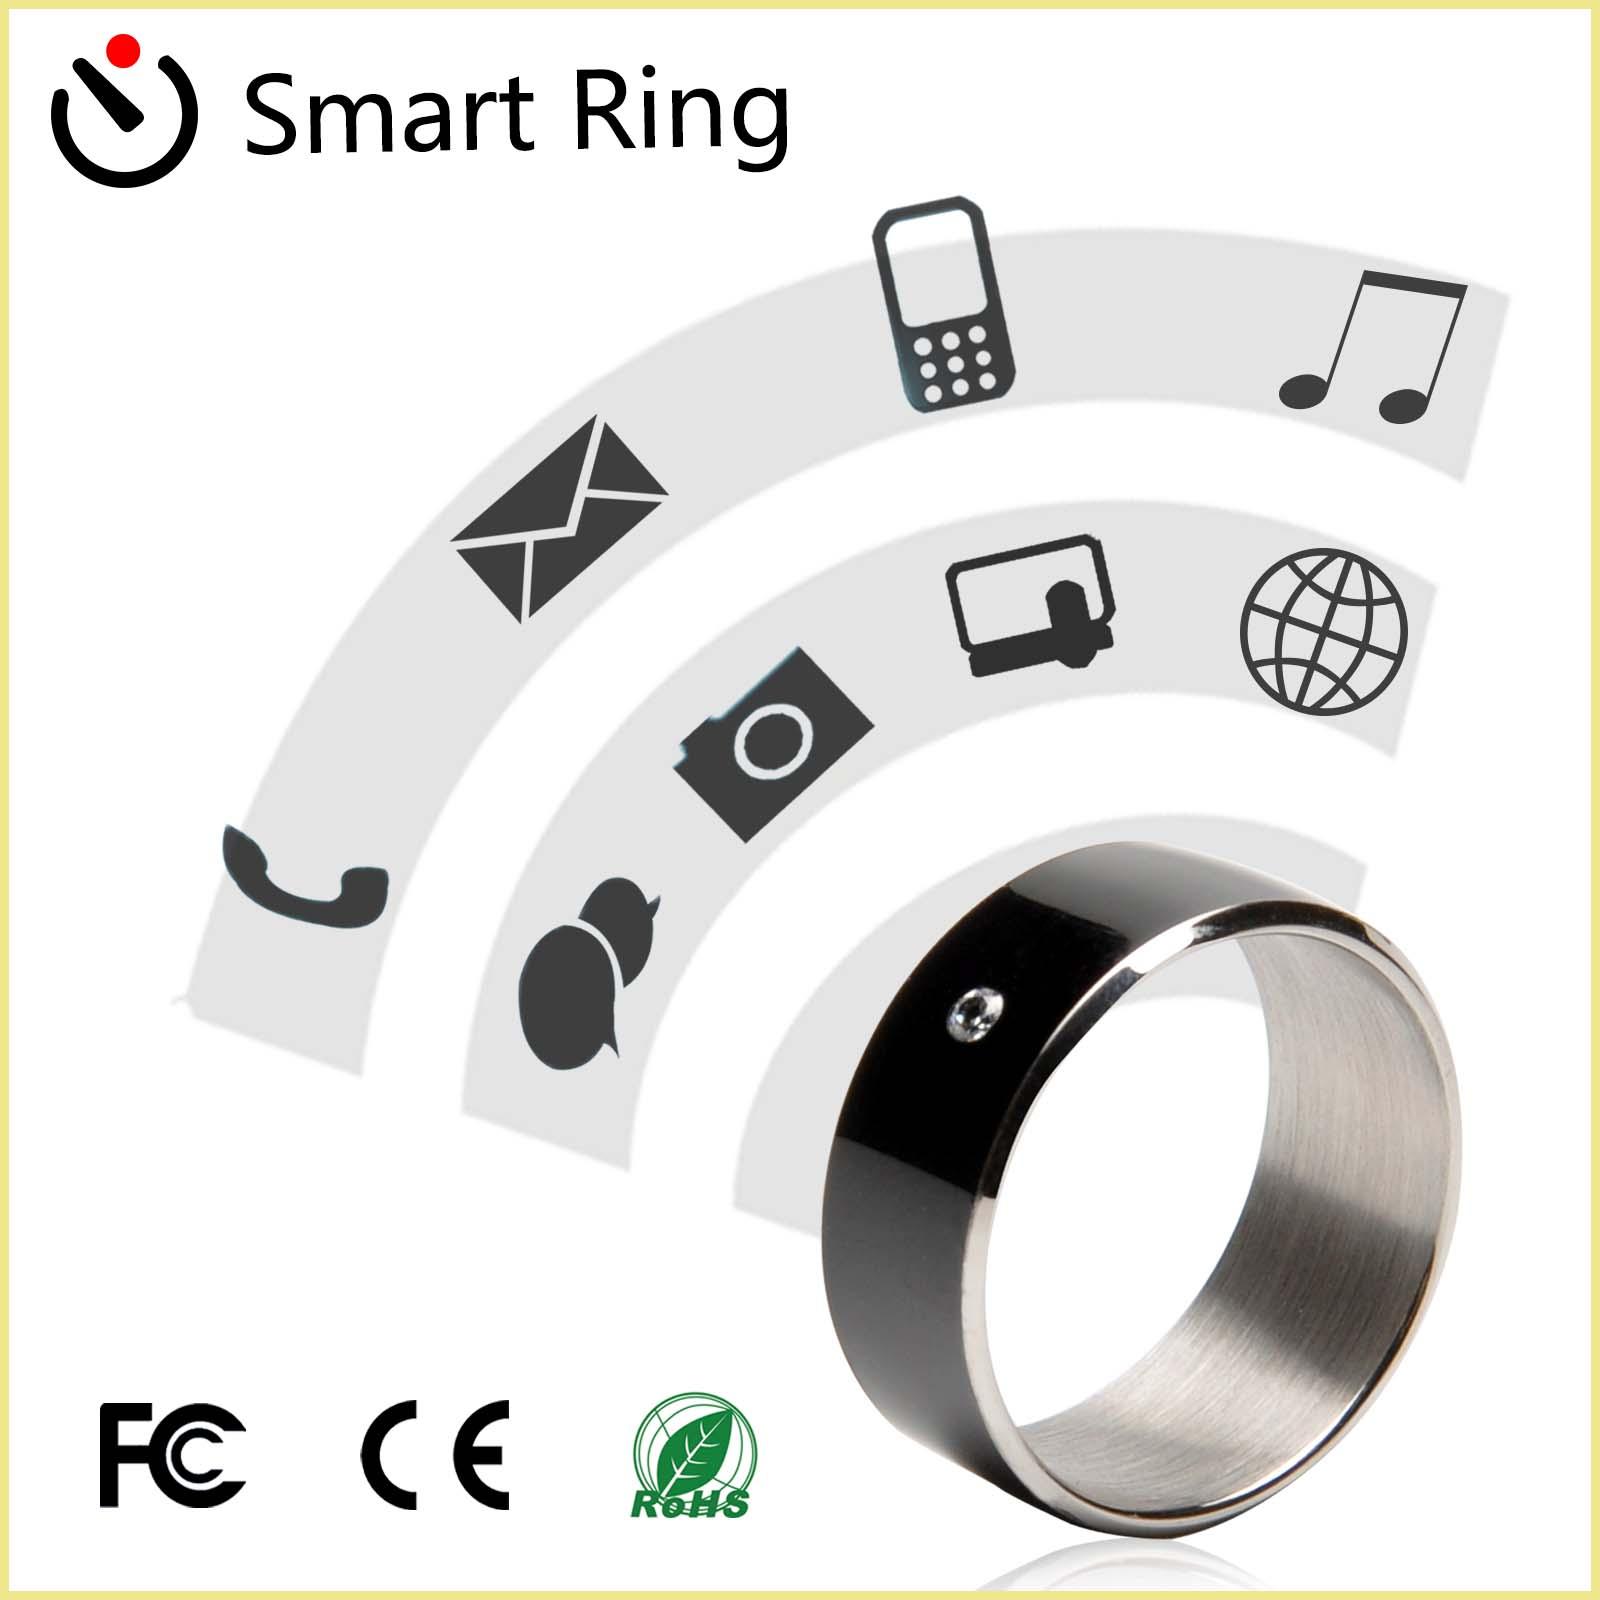 [해외]Jakcom 스마트 R I N G-VGA 어댑터 케이블 VGA로 오디오 케이블 USB 코드로 HDMI를 들어 휴대 전화 액세서리 케이블 및 어댑터/Jakcom Smart R I N G Cell Phone Accessories Cables And Adapters